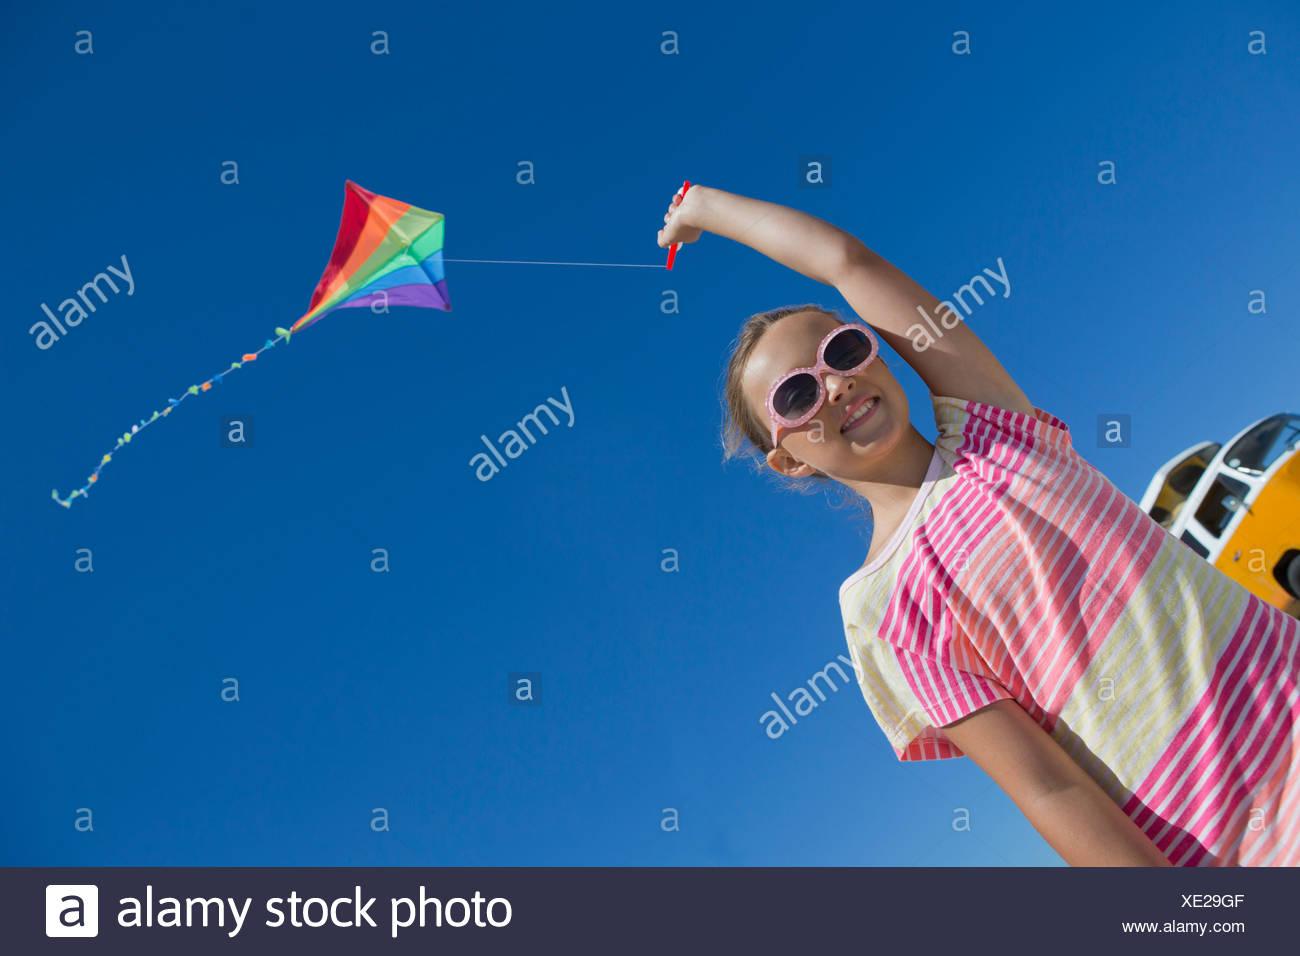 Girl flying kite against blue sky - Stock Image